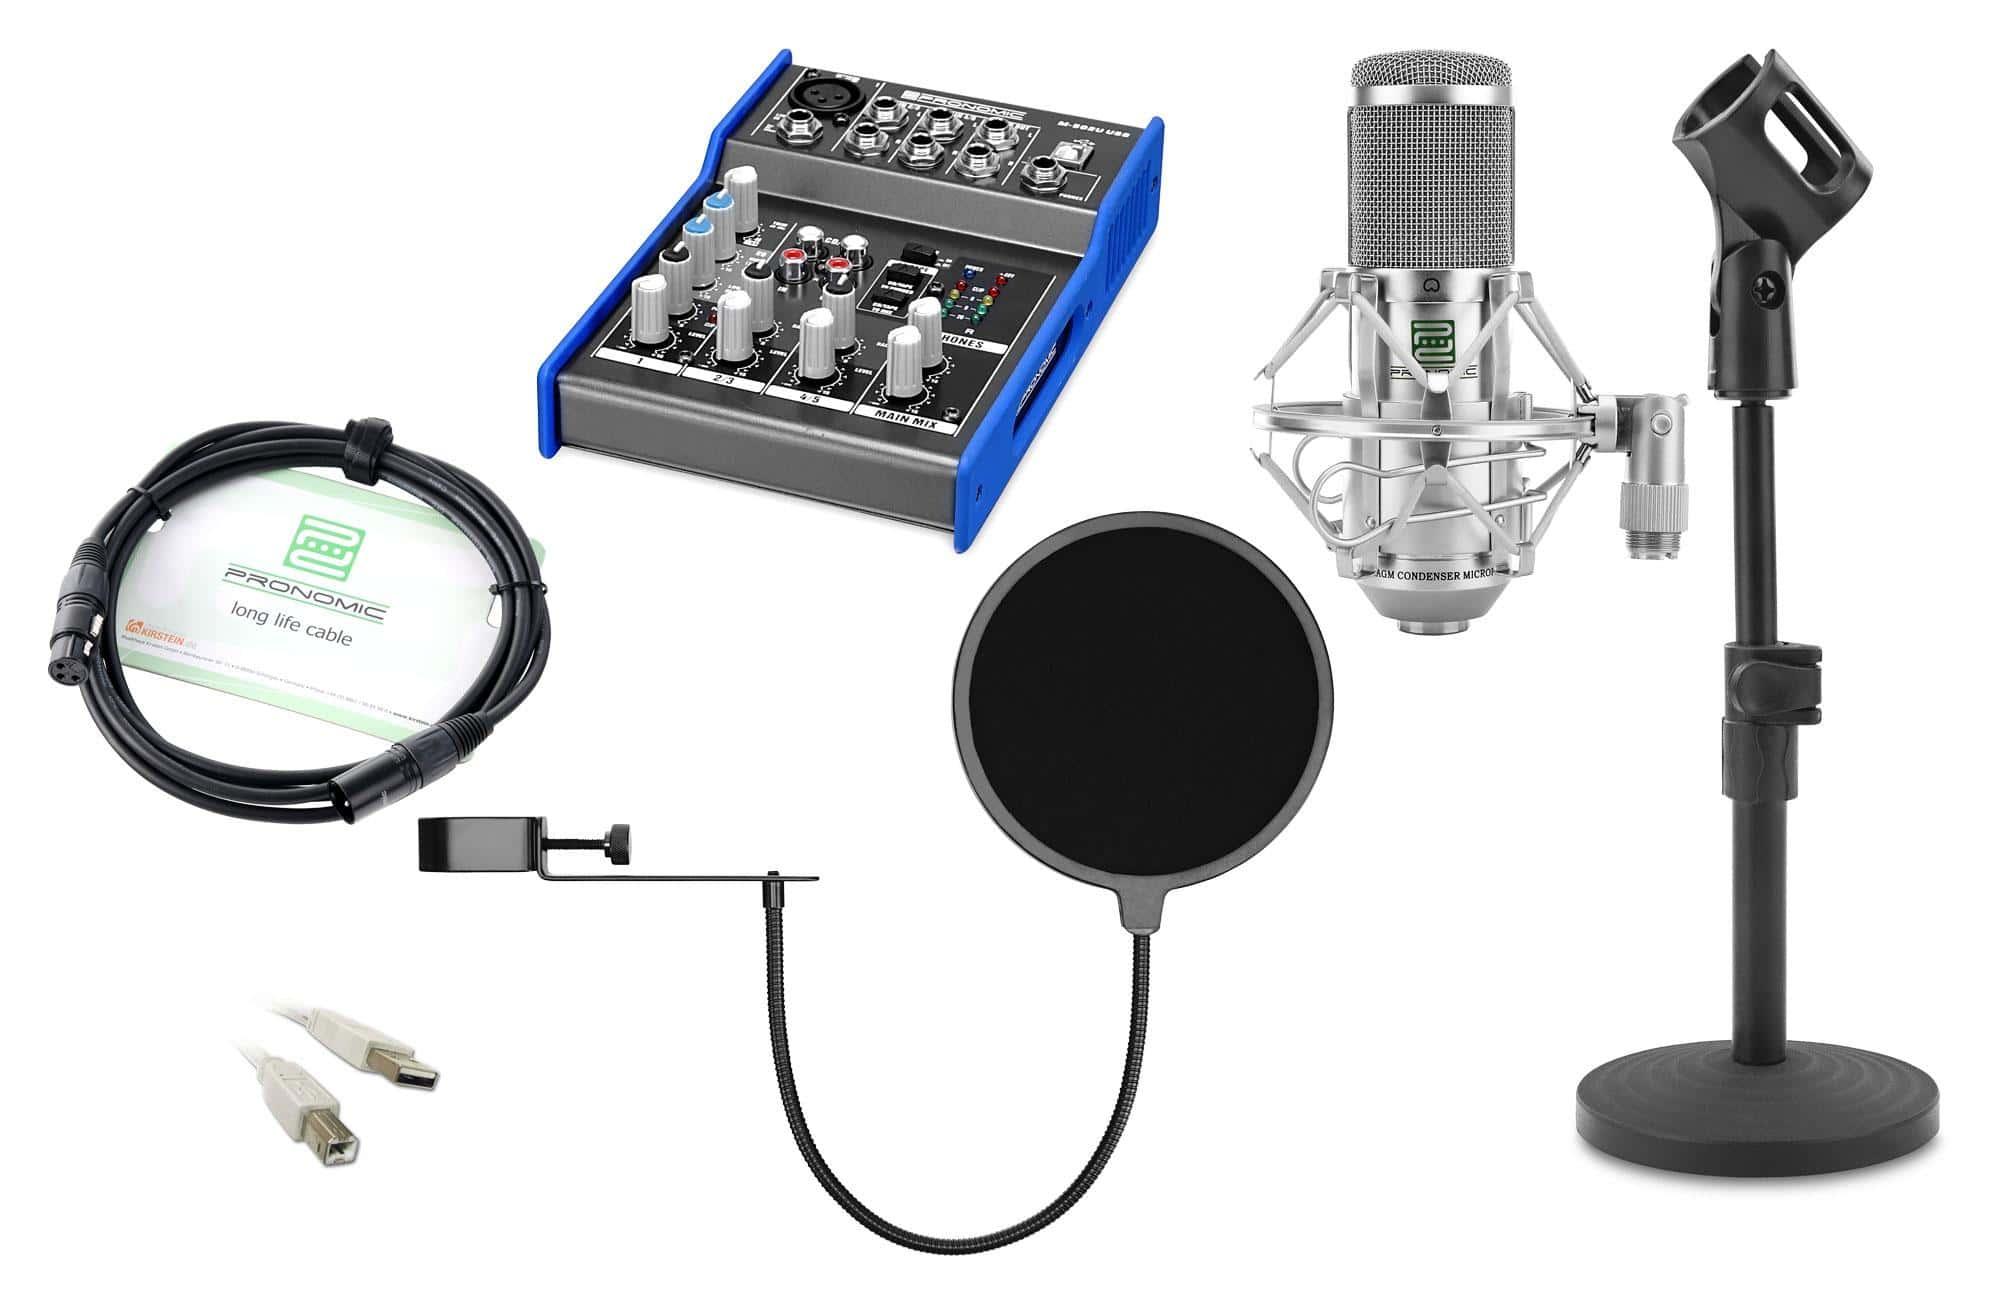 Pronomic CM 100S Podcast Set inkl. Mikrofon, Mischpult, Ständer, Popschutz, Mikrofonkabel und USB Kabel